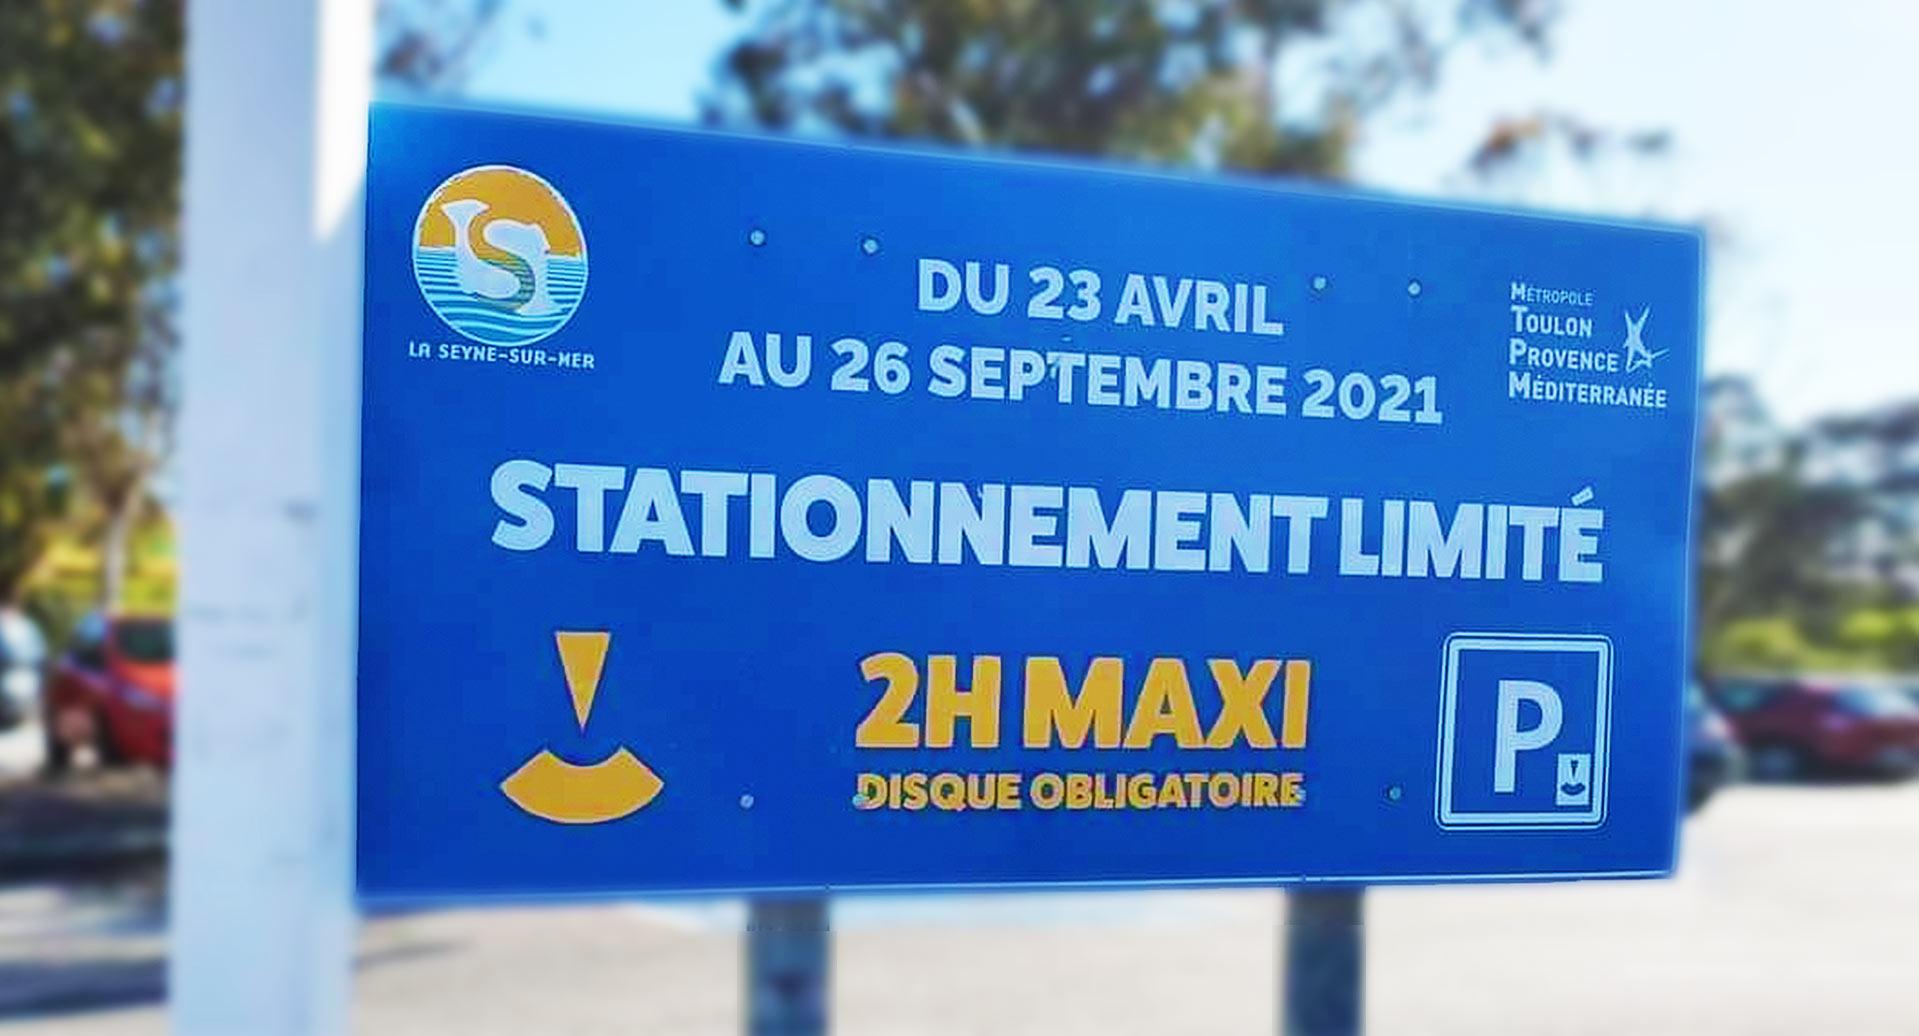 rencontre plan gay president à La Seyne-sur-Mer